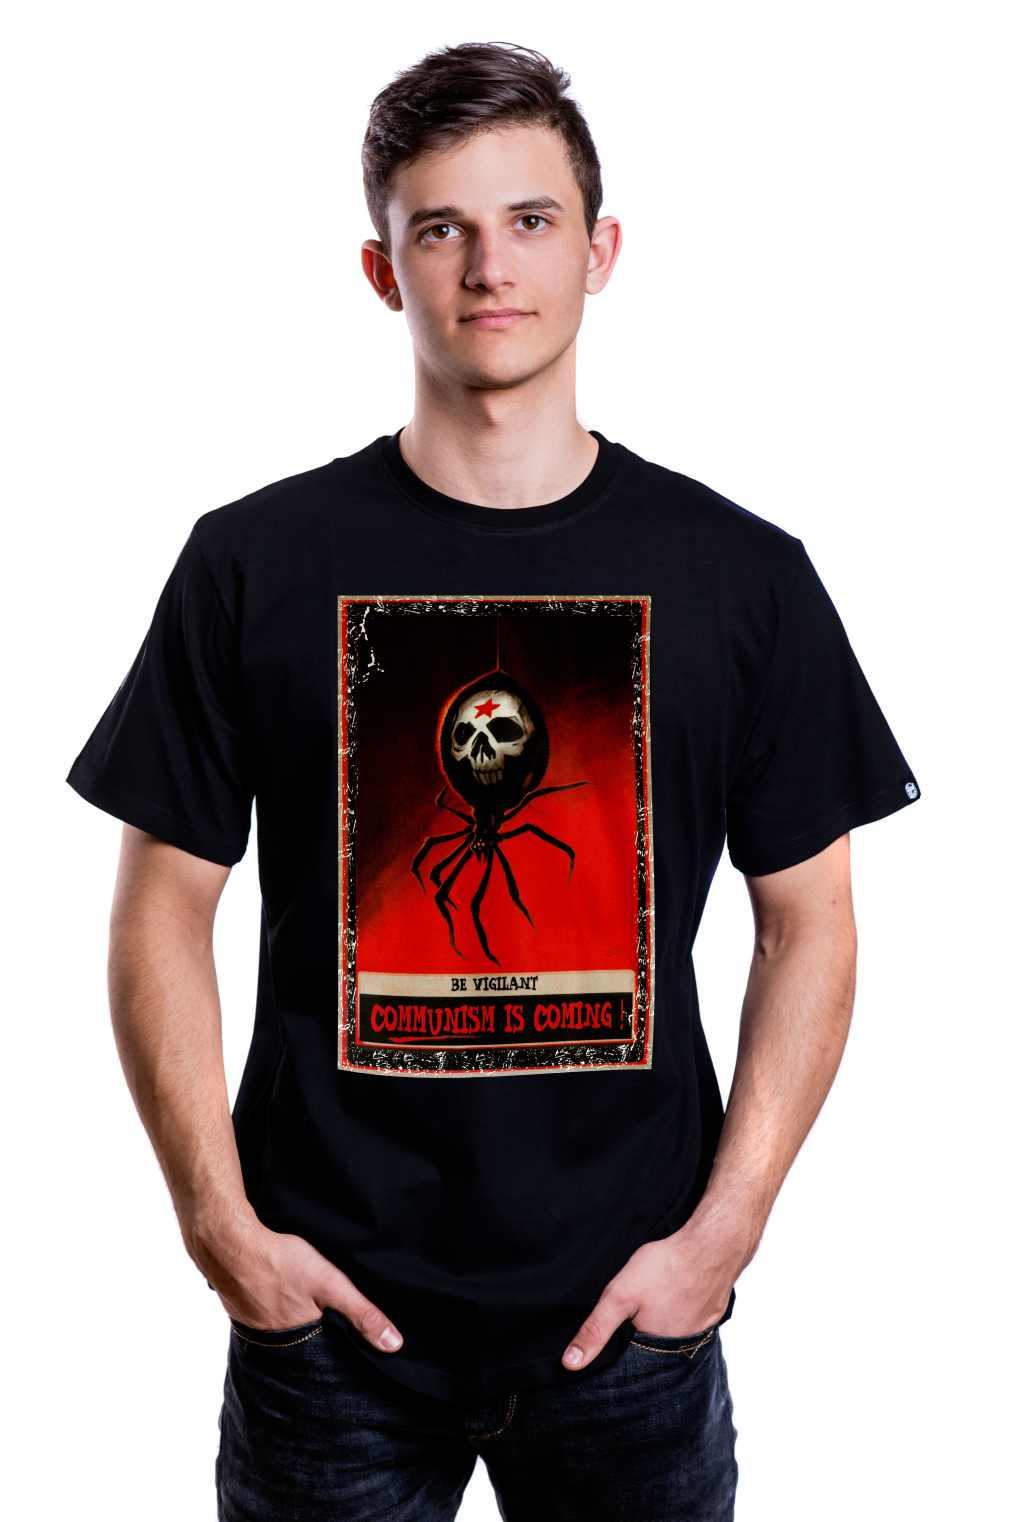 Fallout Propaganda T-shirt XL